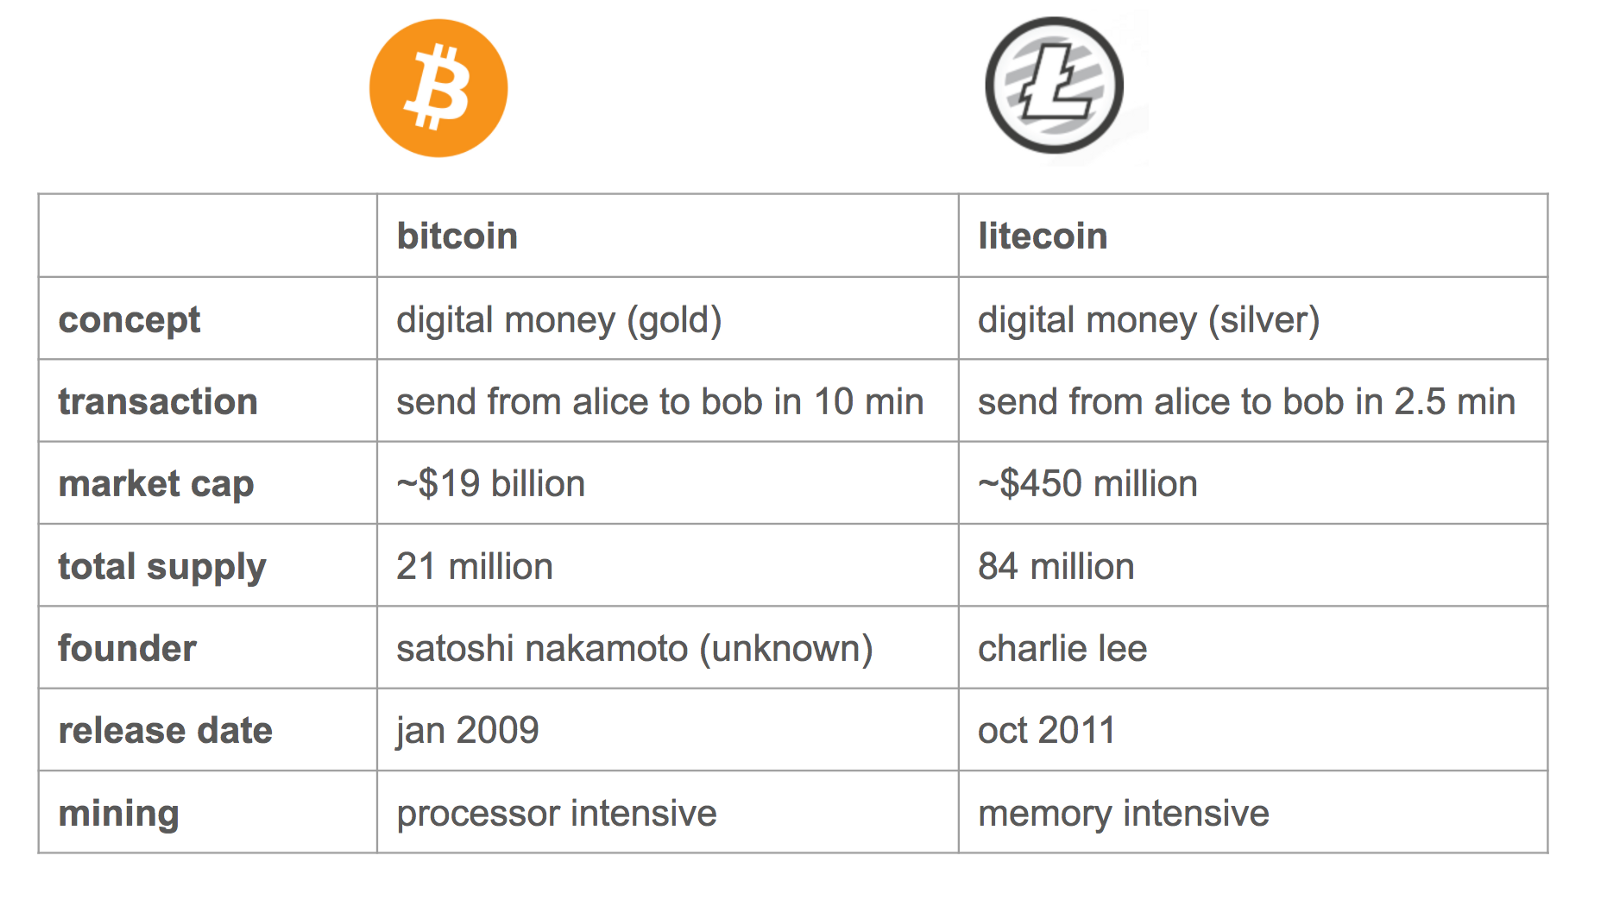 Uitleg over Litecoin